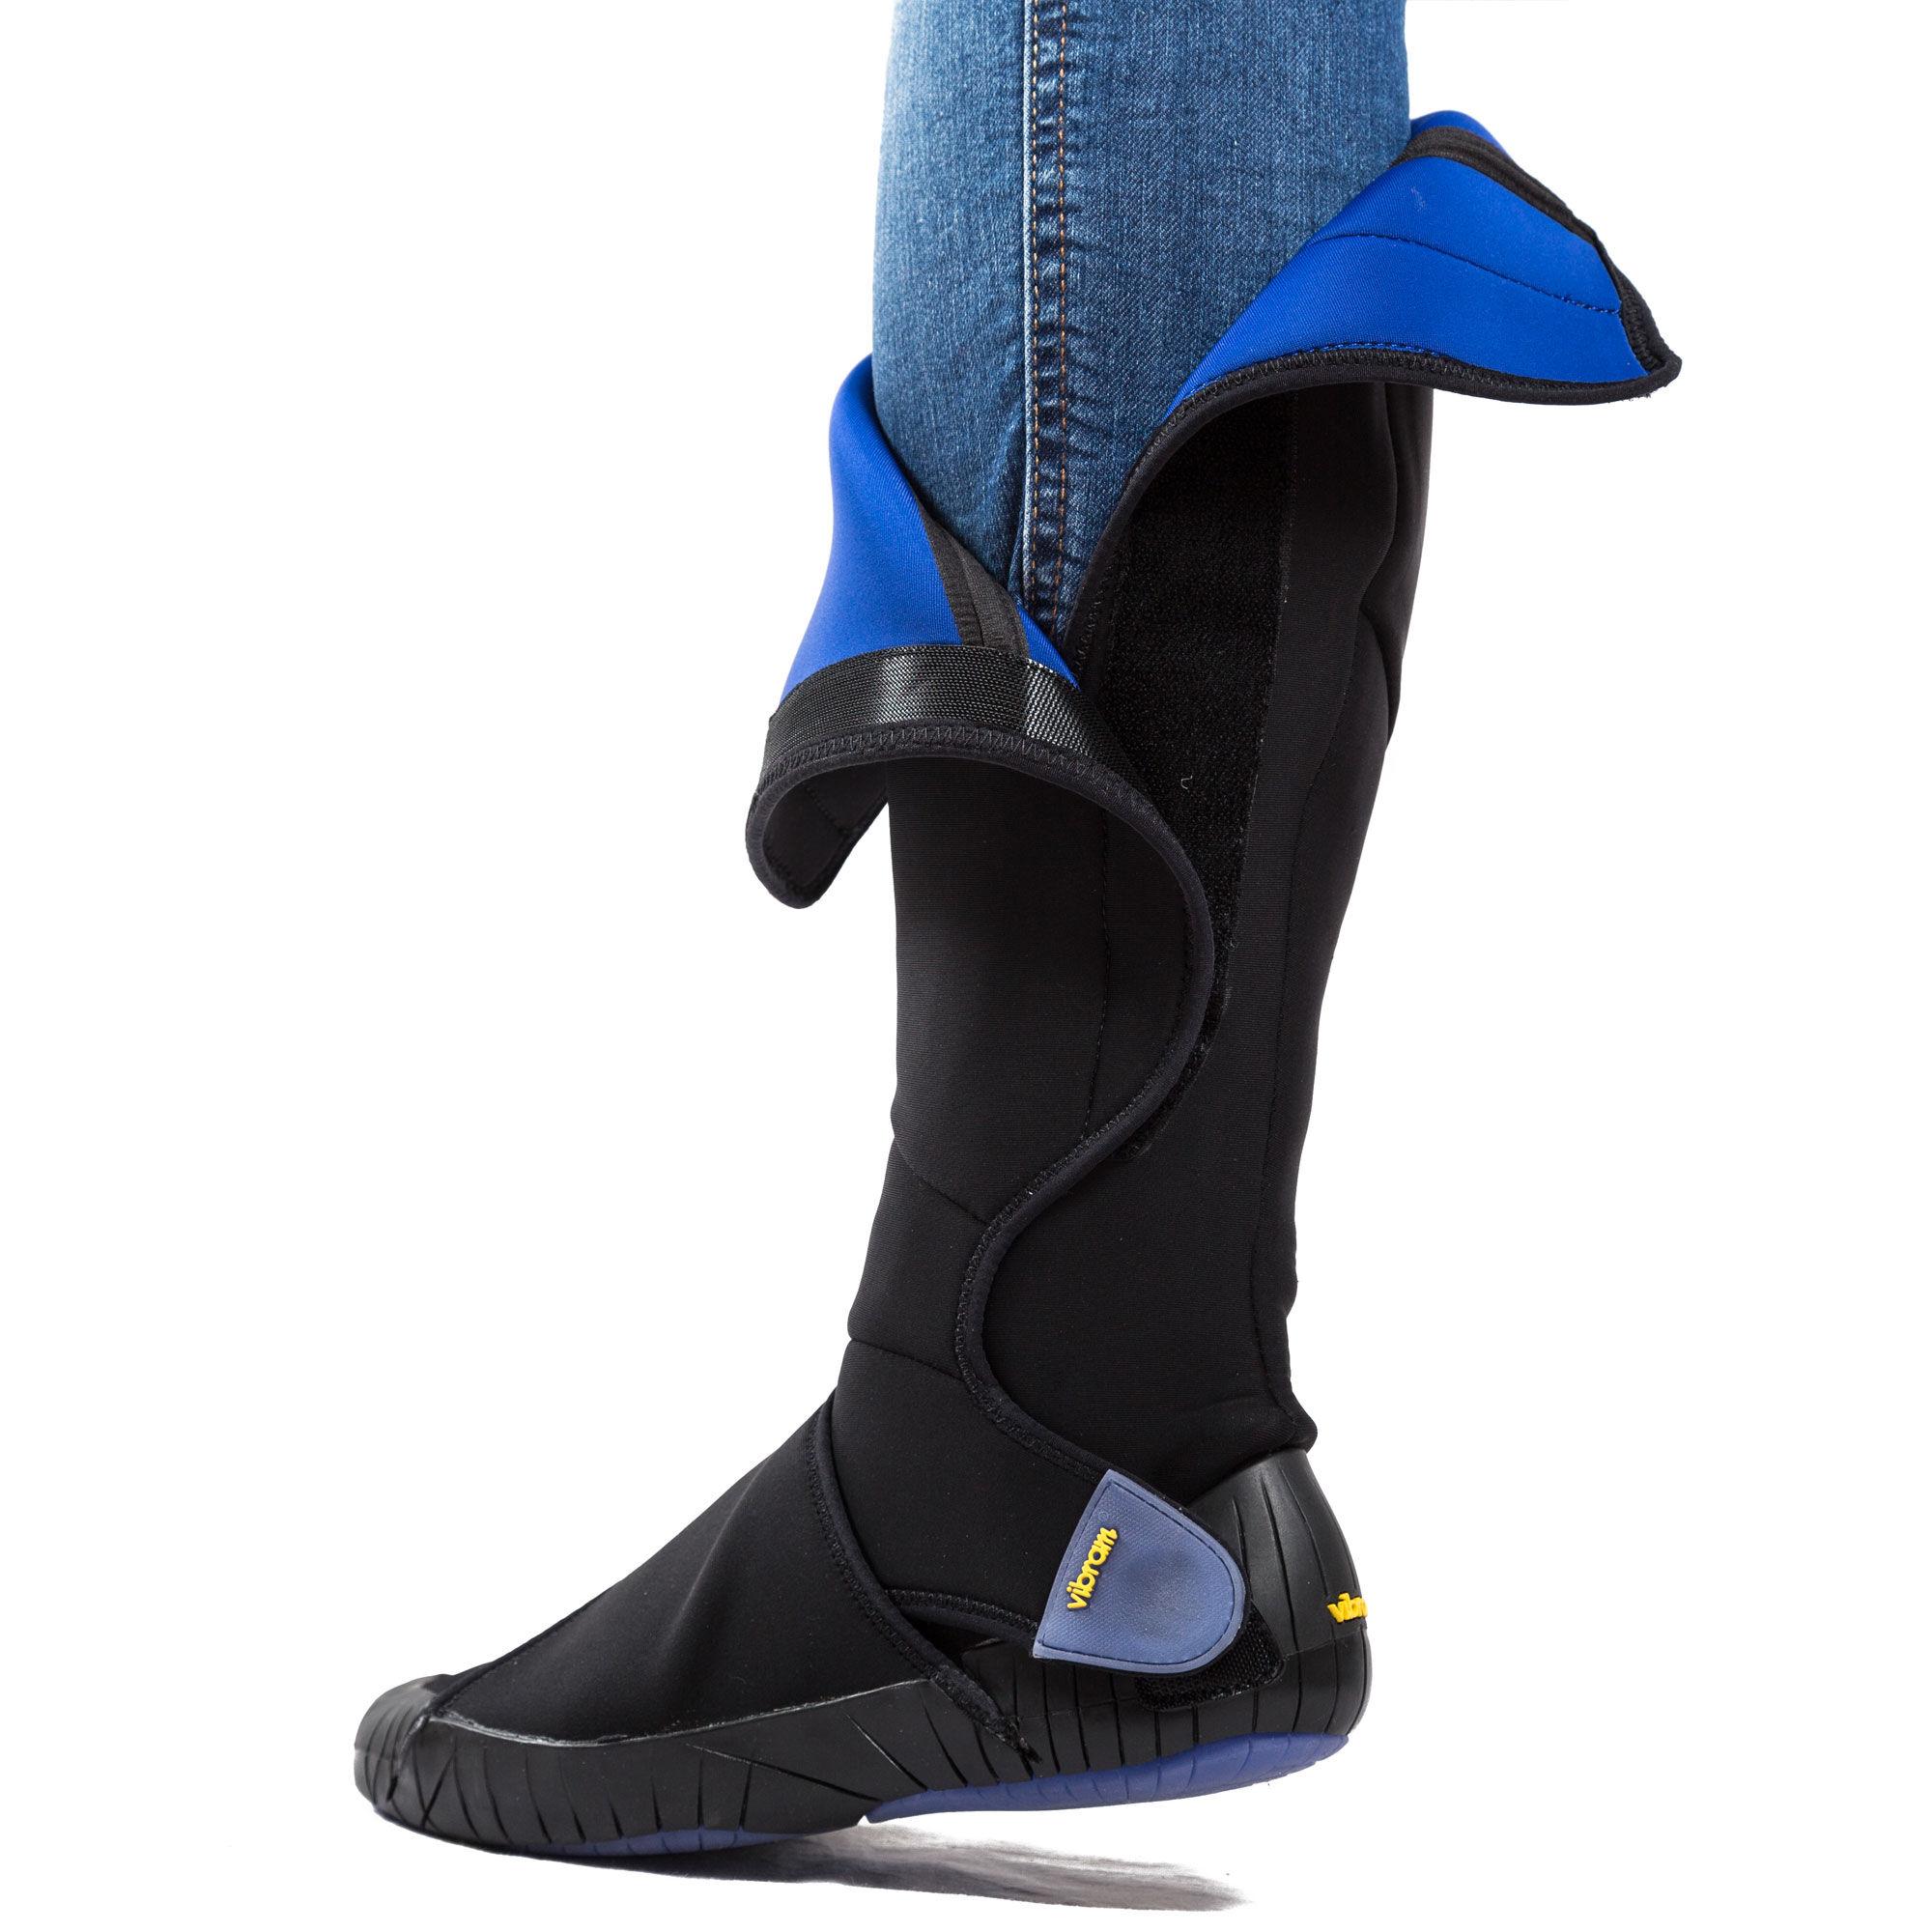 High Furoshiki Neoprene Boot   High Neoprene Wrap Boots